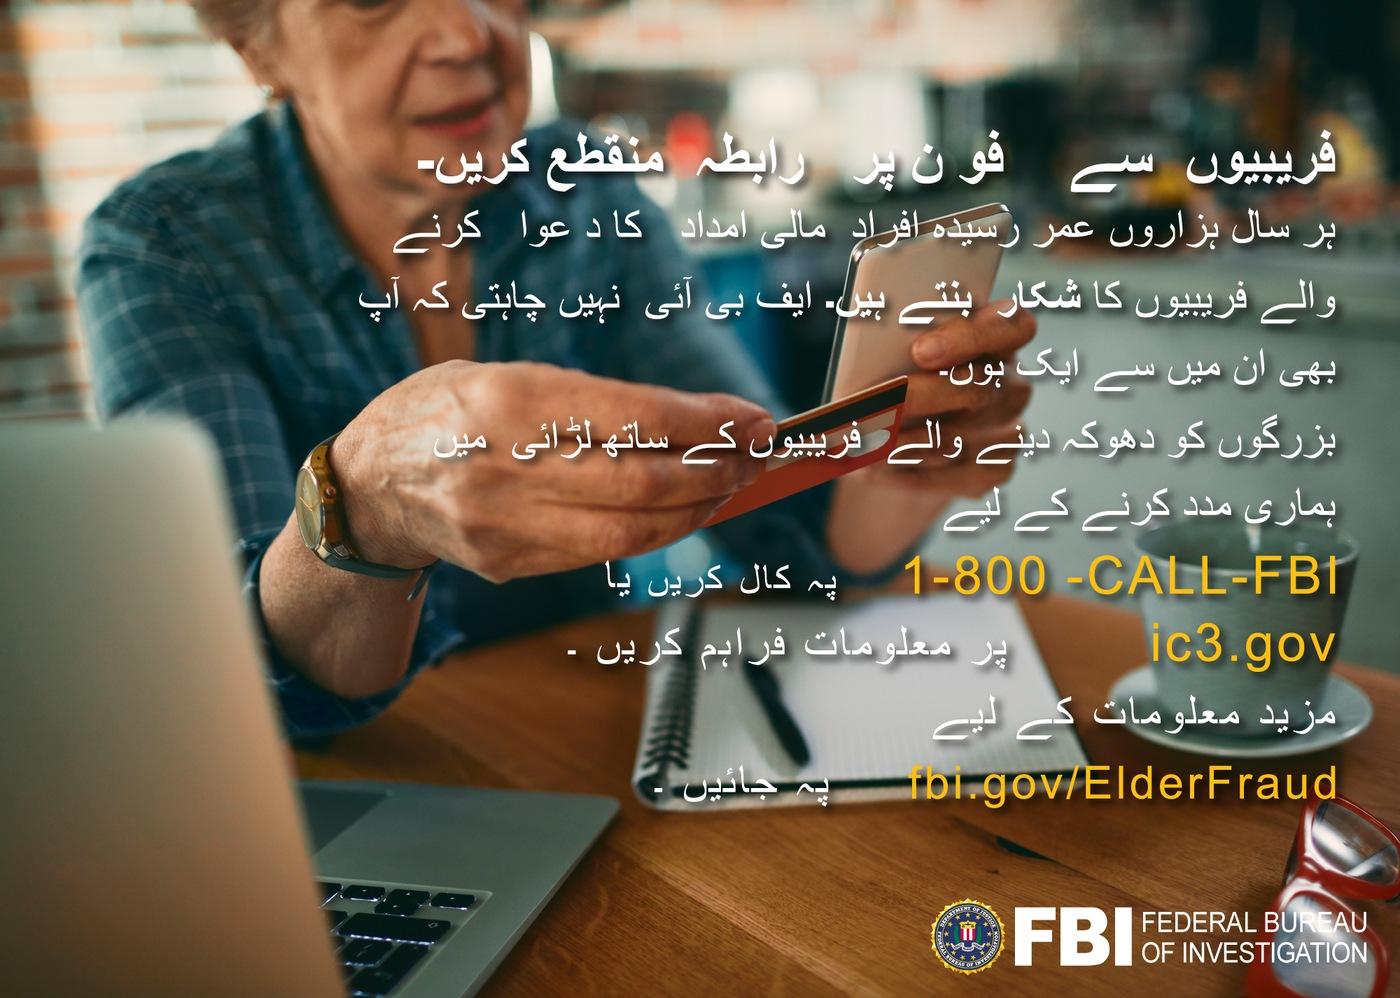 New York Elder Fraud Campaign - Urdu